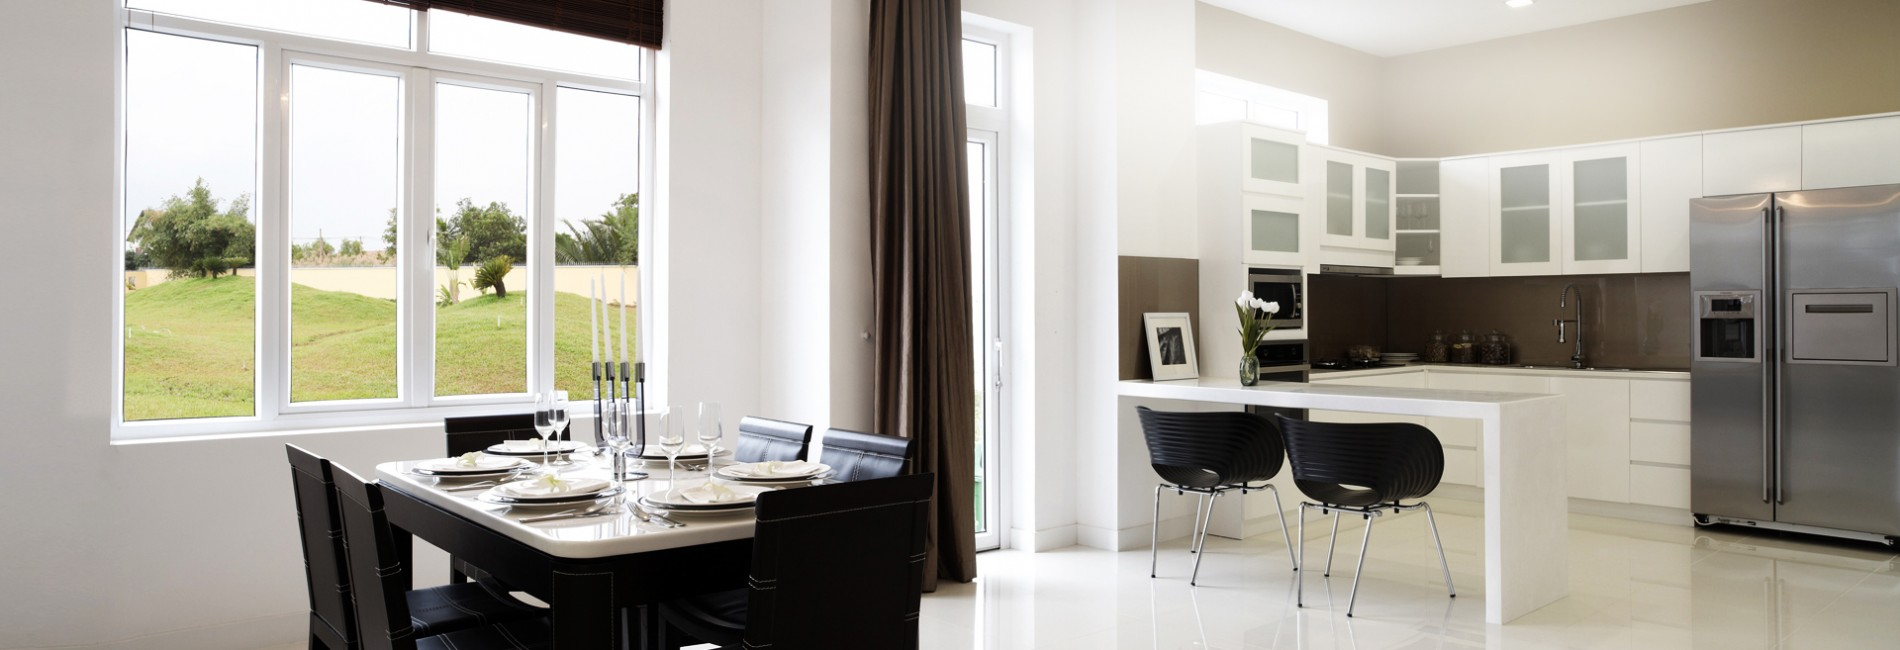 Thực tế thiết kế nội thất của Villa Park